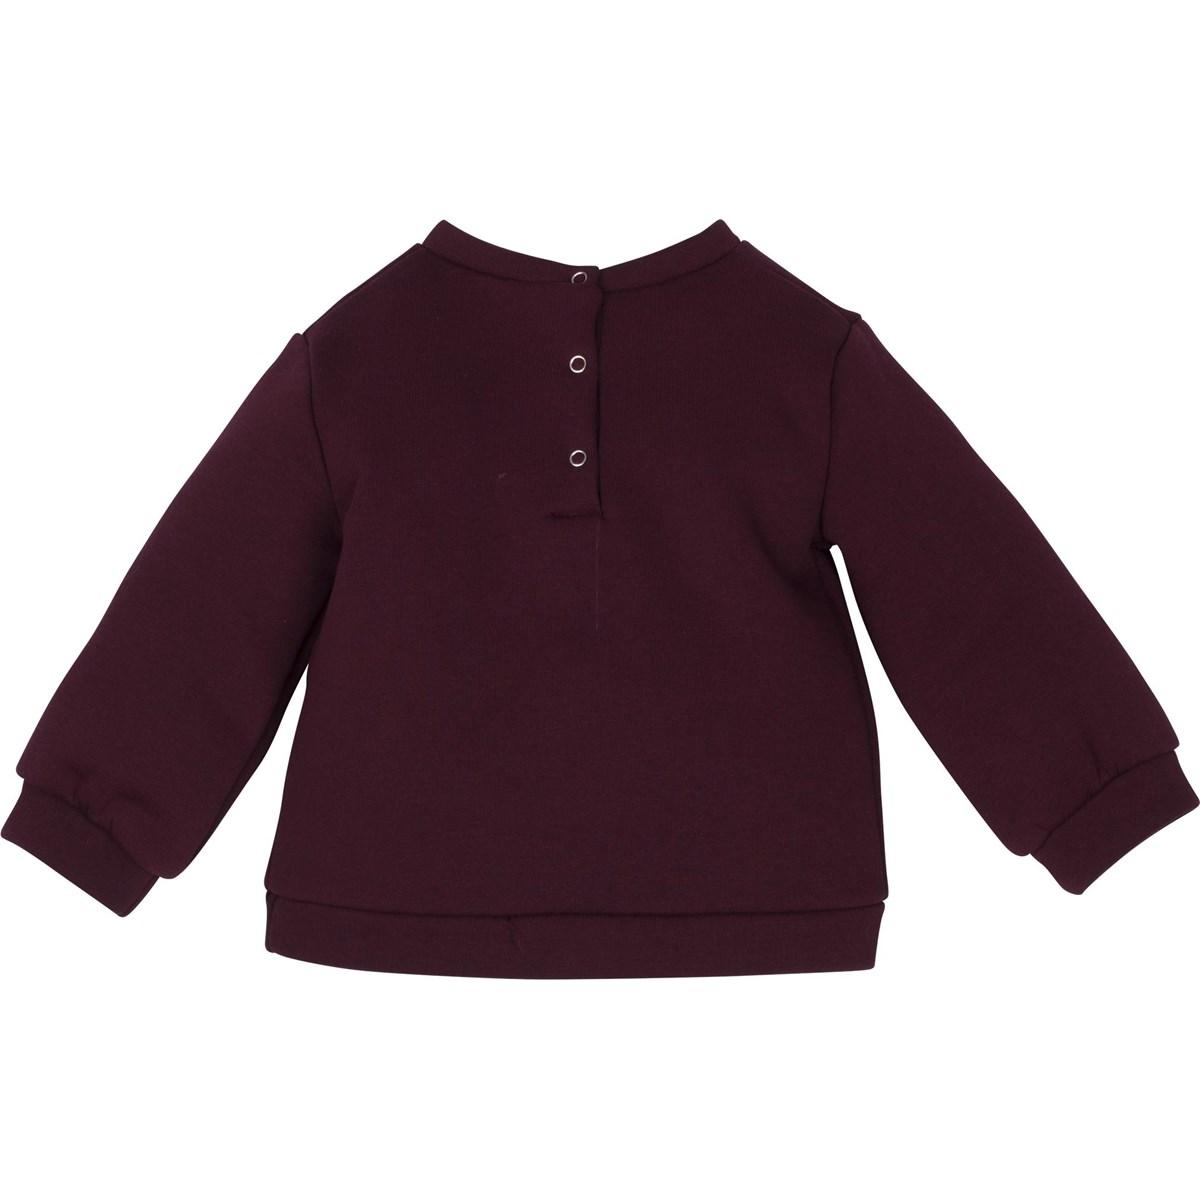 12468 Sweatshirt 2